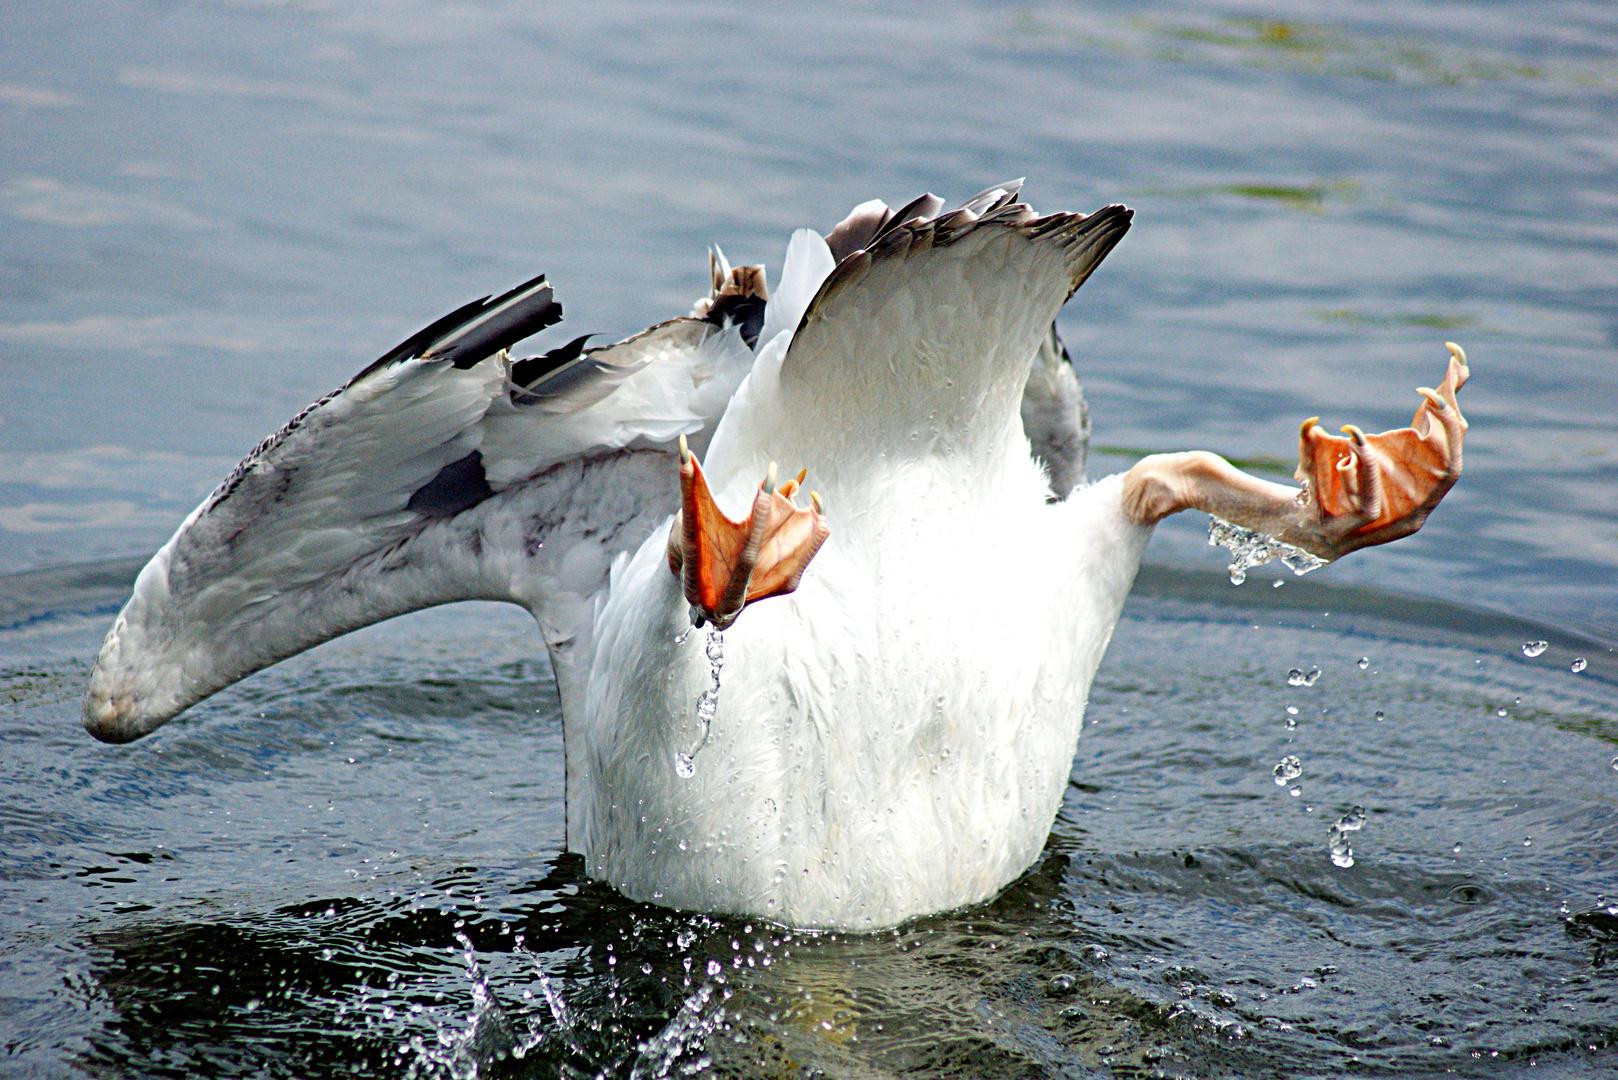 Köpfchen in das Wasser...